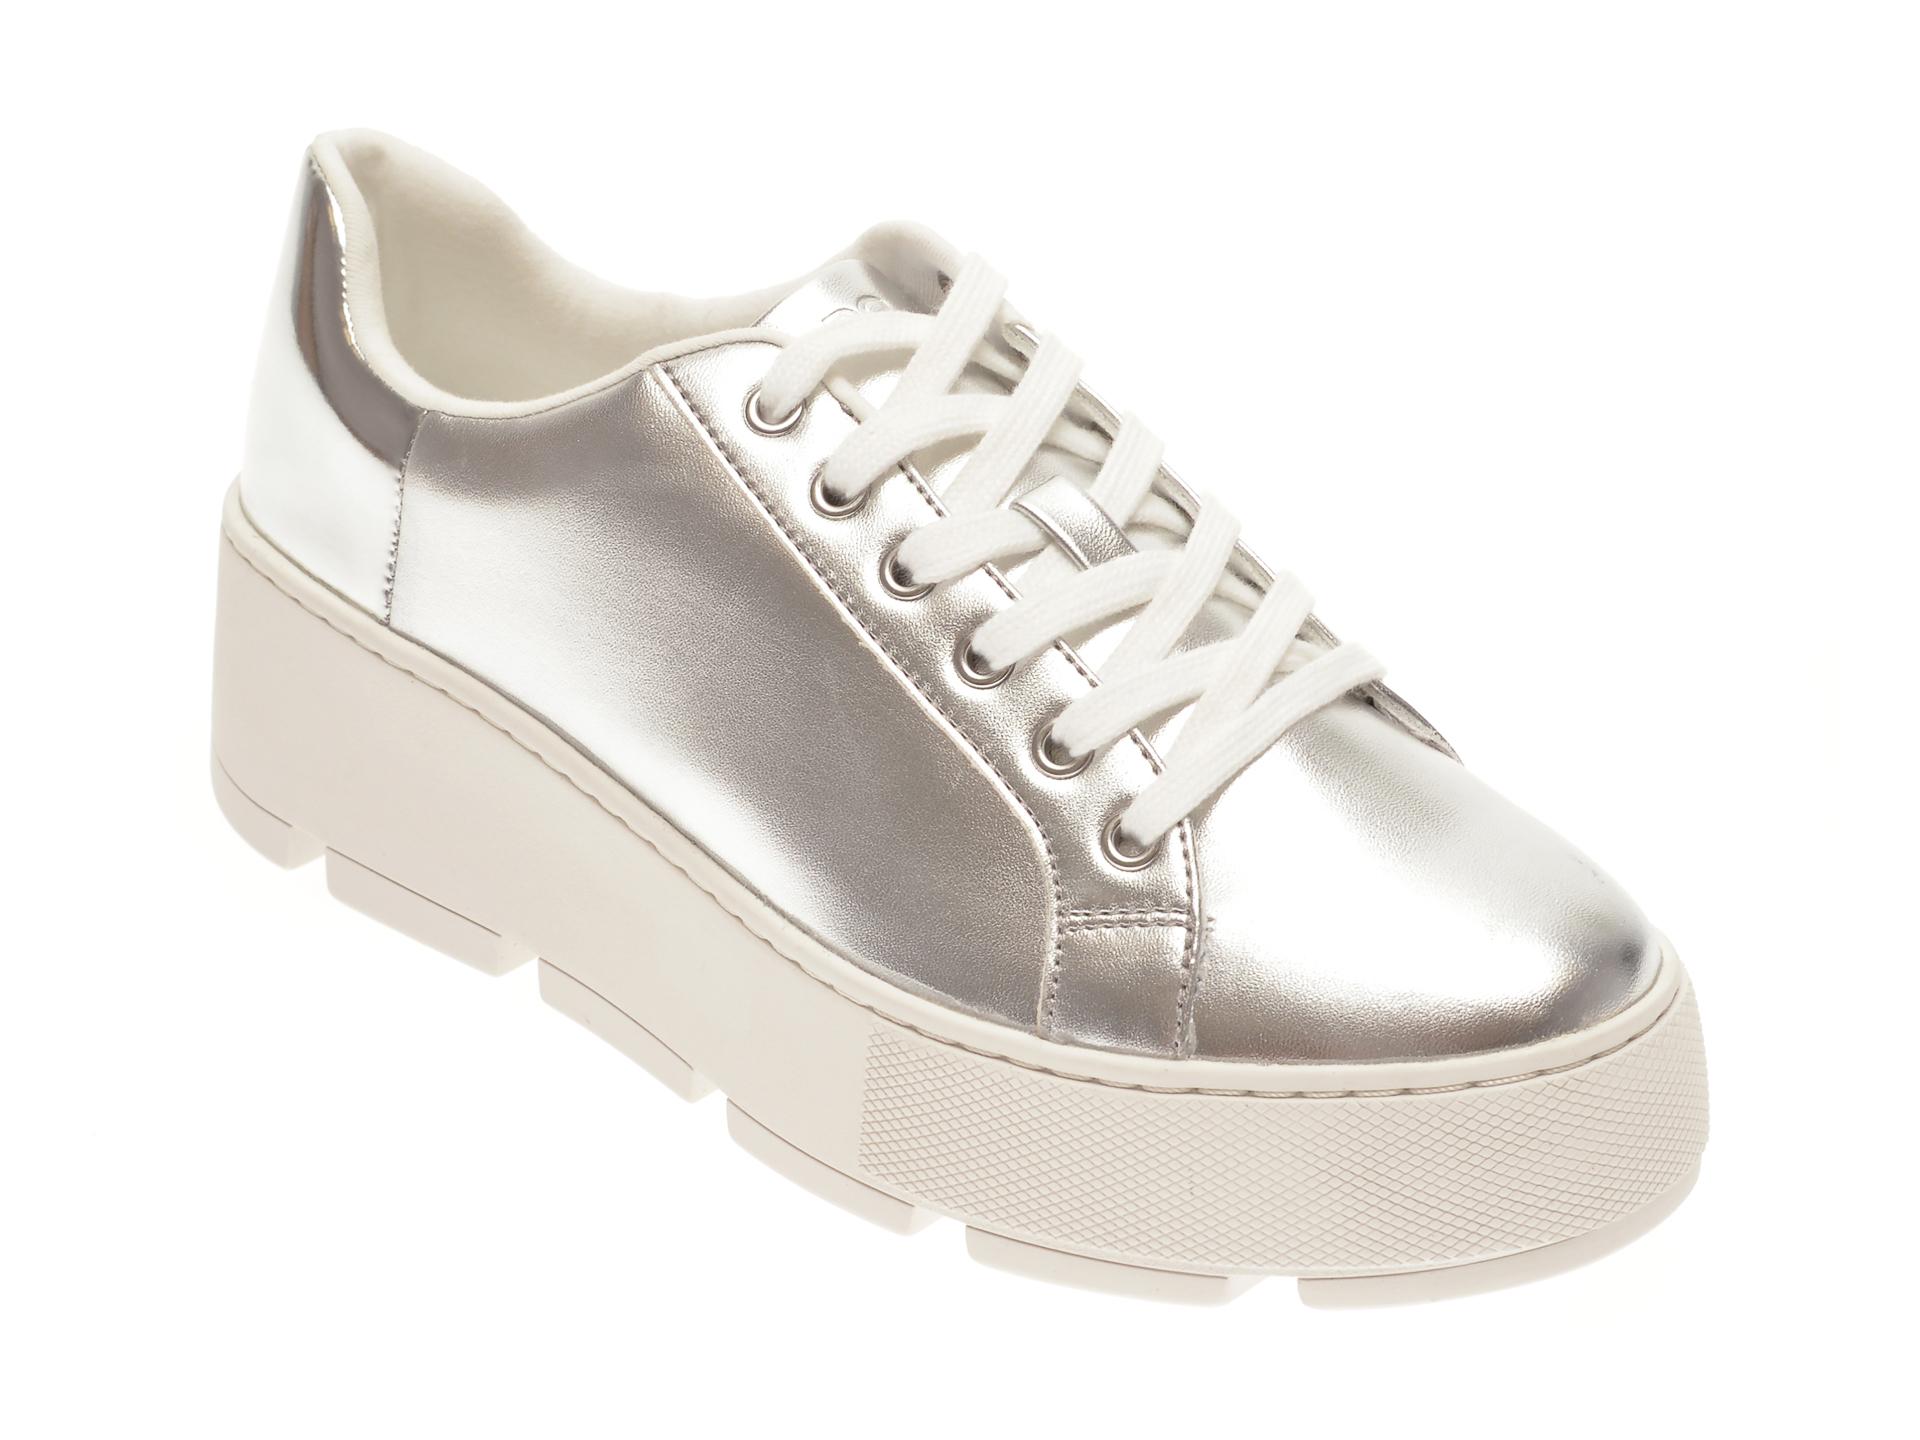 Pantofi sport ALDO argintii, Gladesville040, din piele ecologica imagine